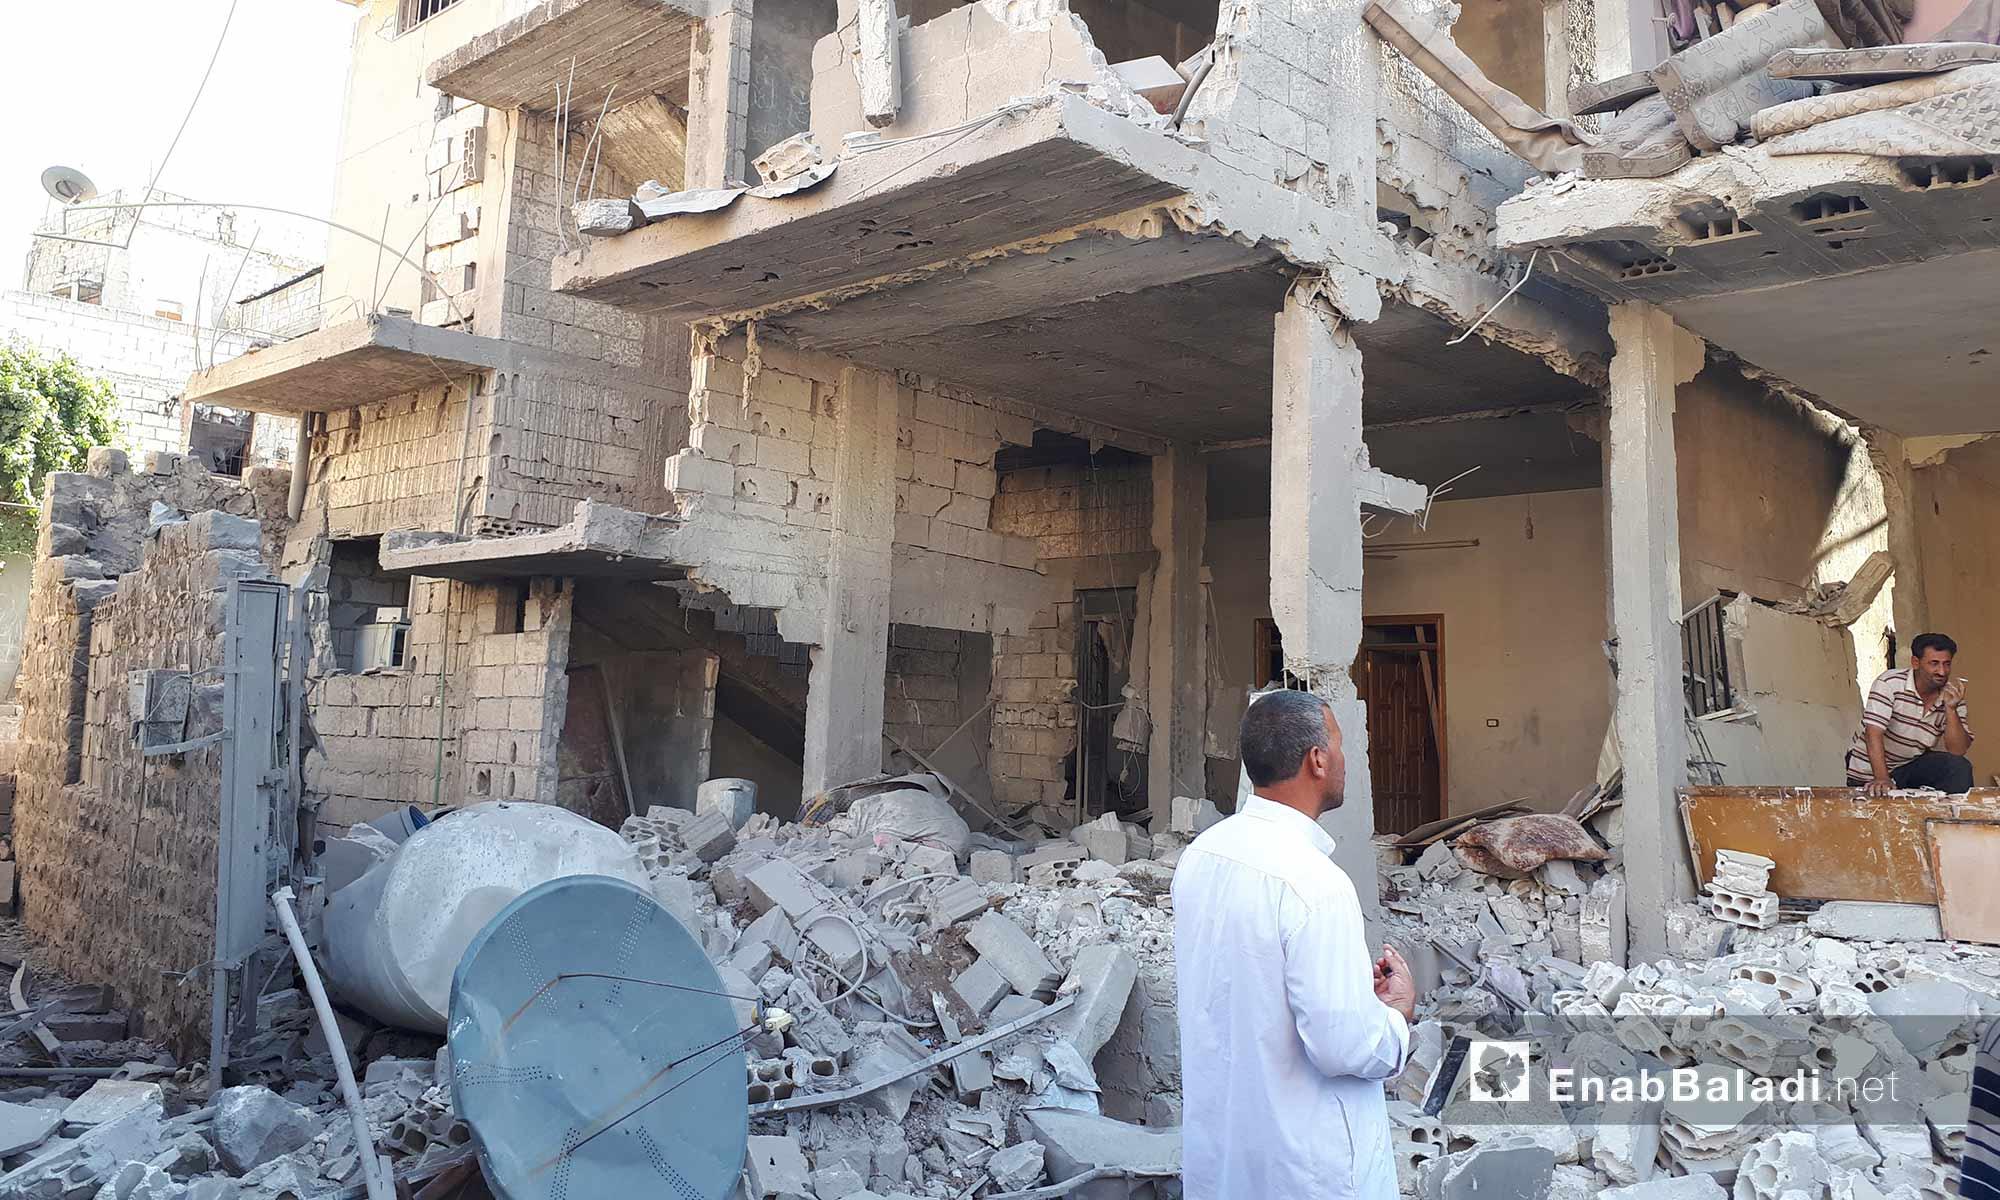 الدمار الذي خلفه قصف الطيران الحربي لمدينة الحولة بريف حمص الشمالي - 22 آب 2017 (عنب بلدي)